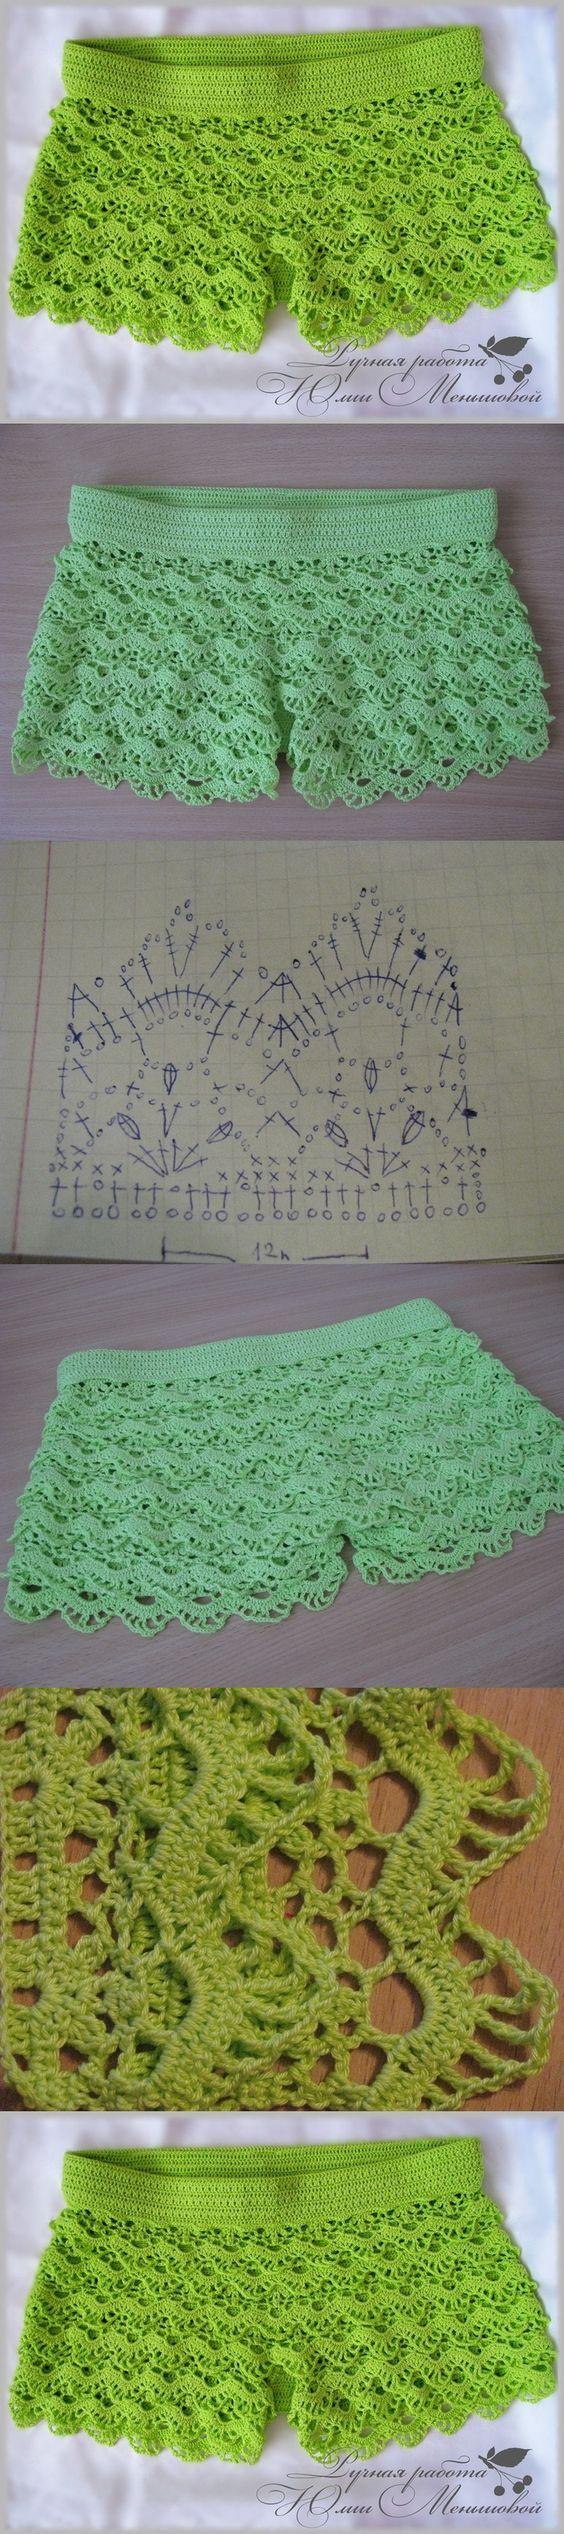 Crochet so beauty shorts, crochet pattern. http://make-handmade.com/2013/12/18/crochet-so-beauty-shorts-crochet-pattern/: